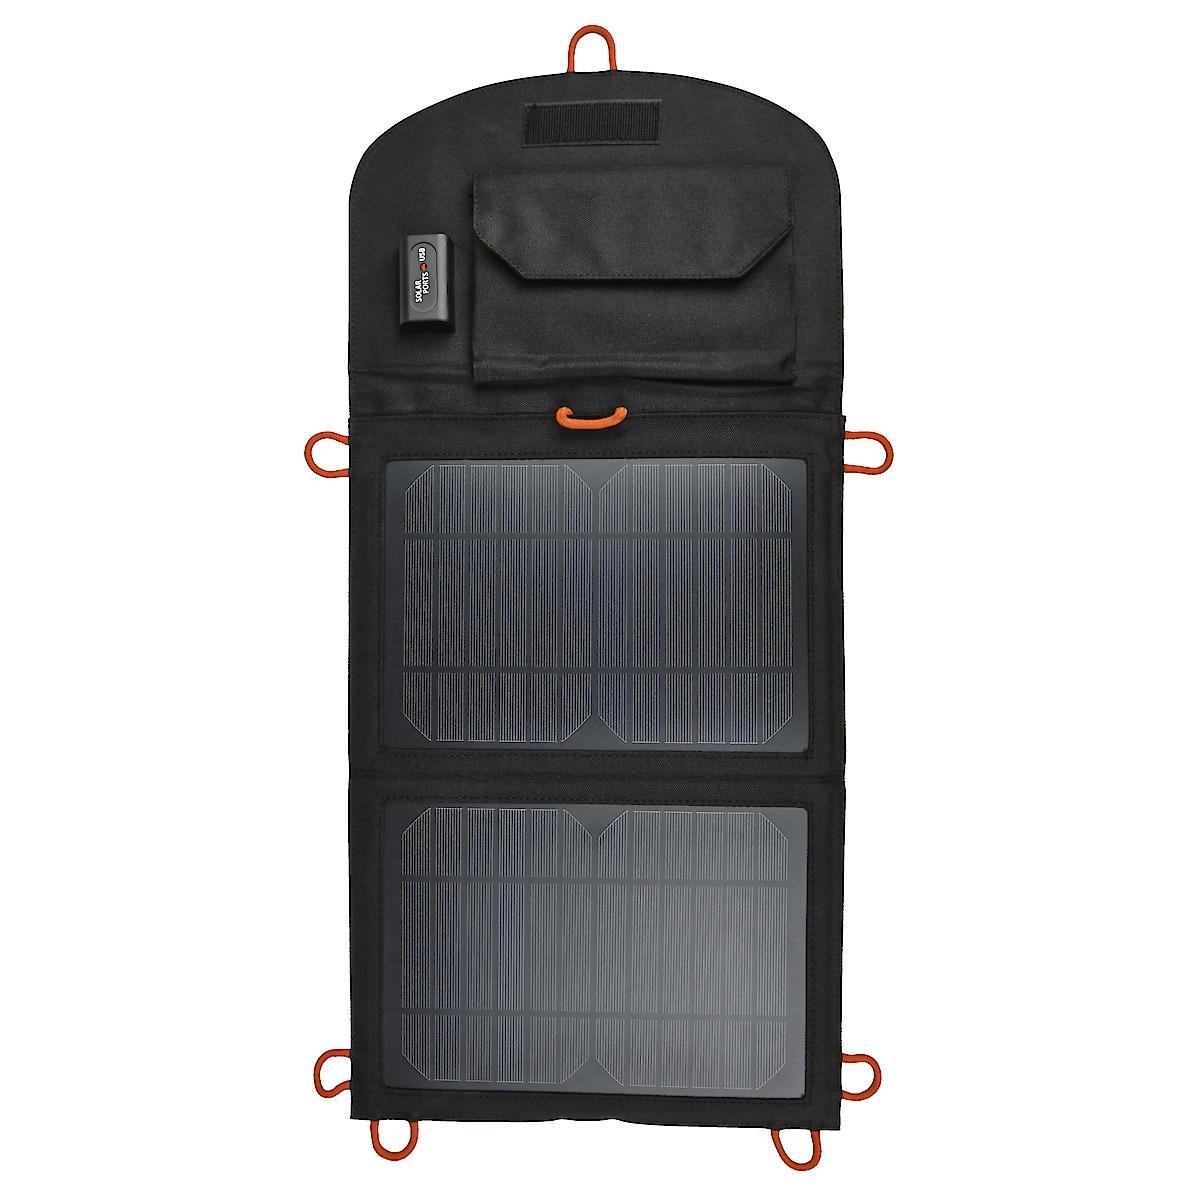 Exibel, solcellelader med USB 10 W